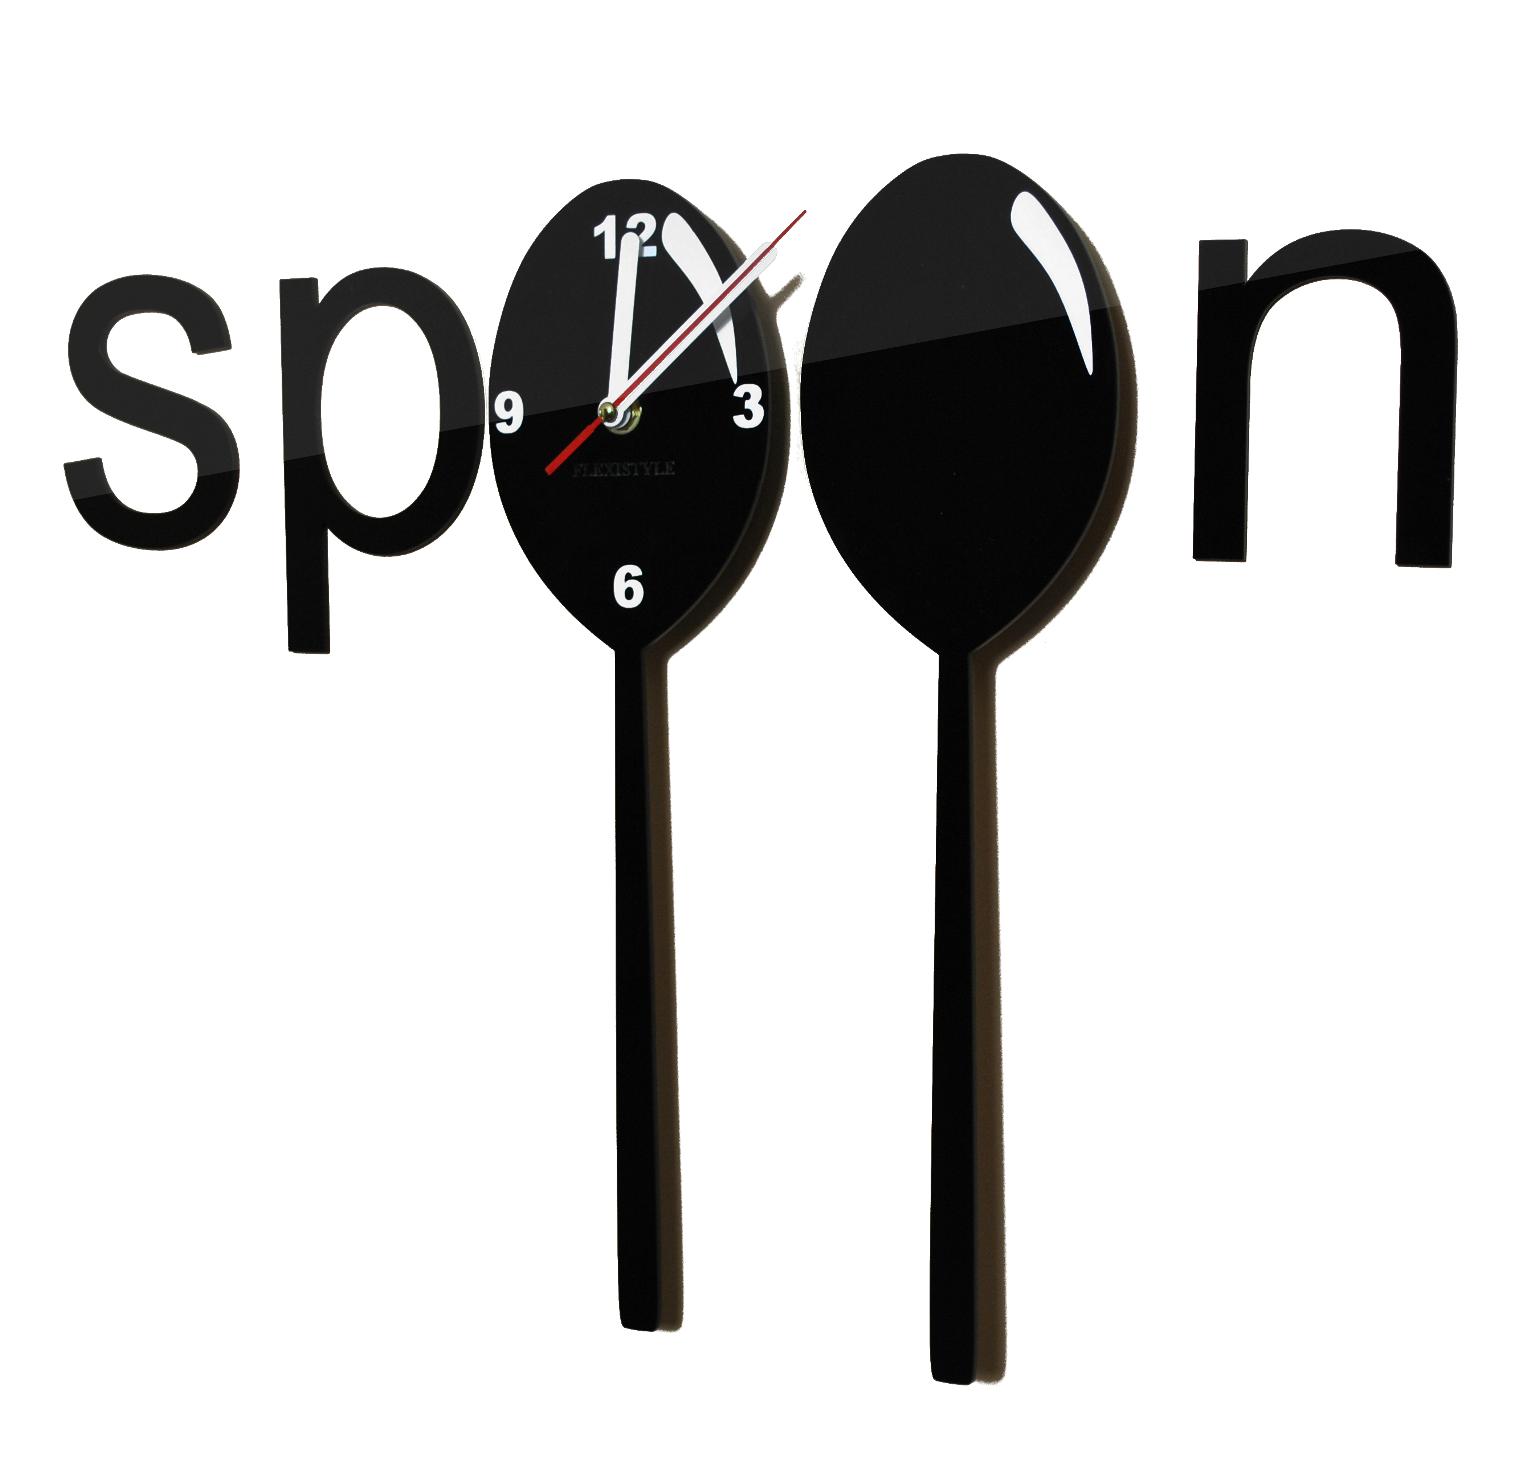 Zegar kuchenny Spoon